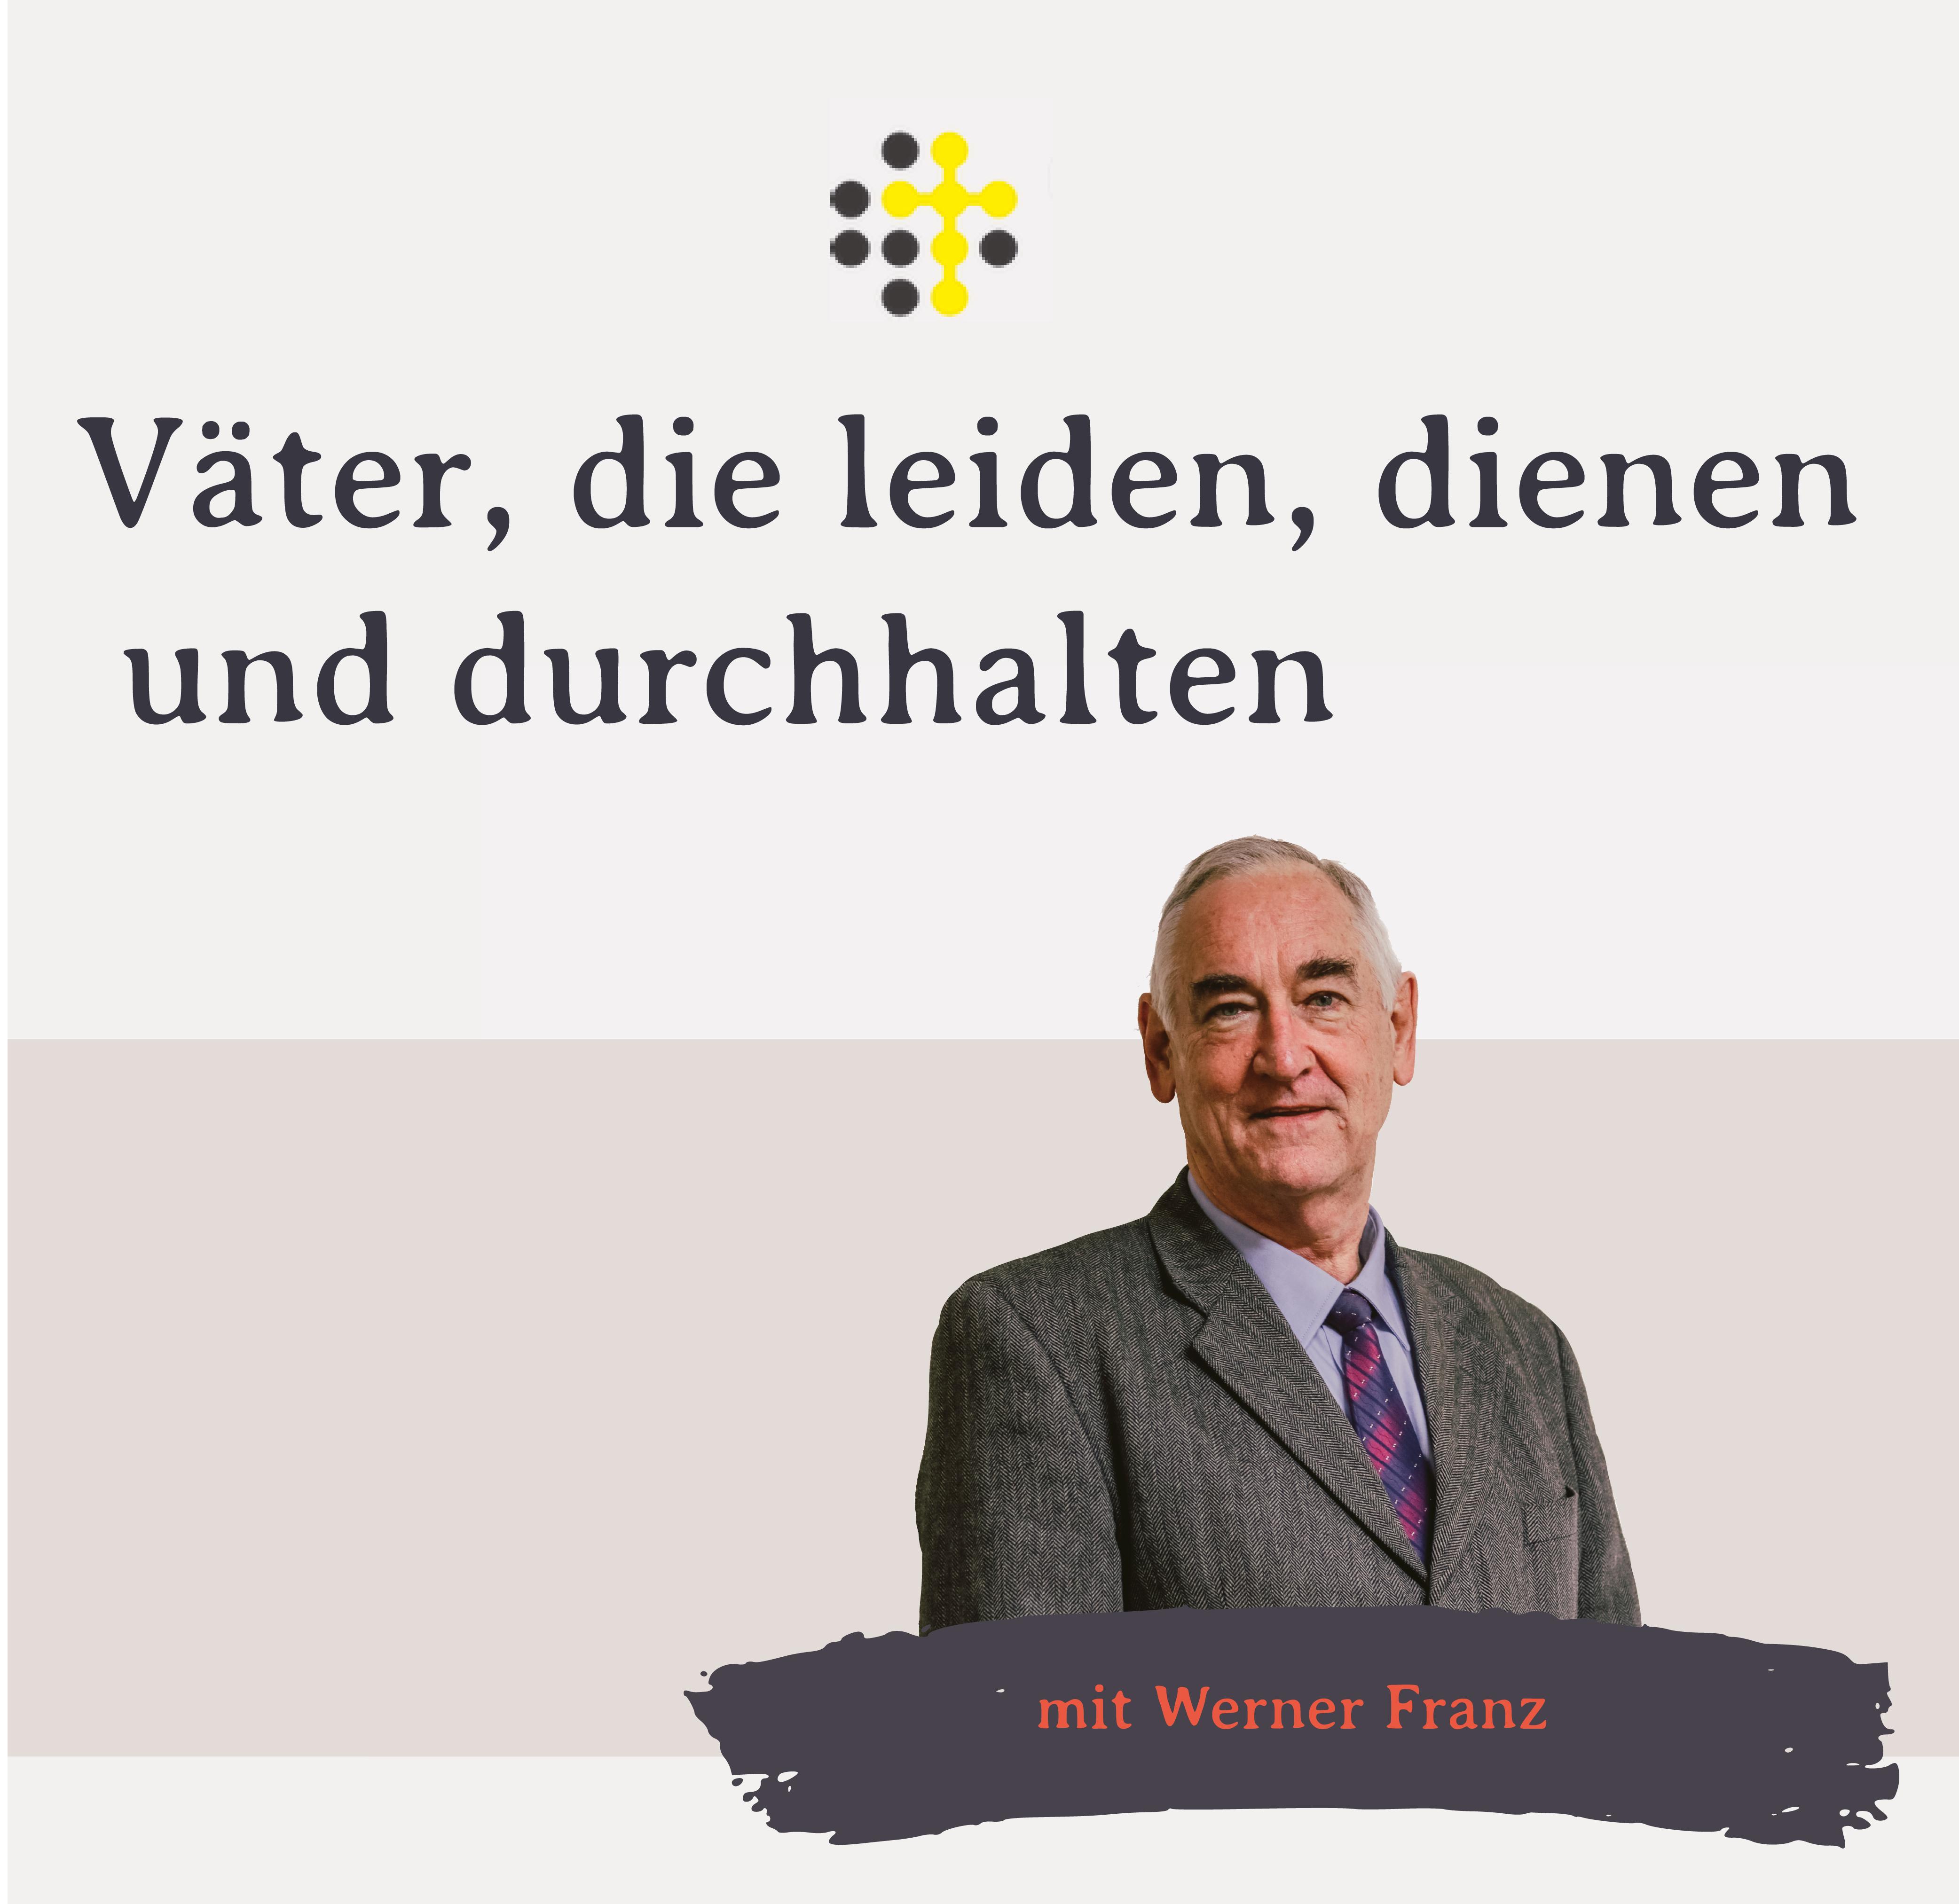 Väter, die leiden, dienen und durchhalten - Redner: Werner Franz